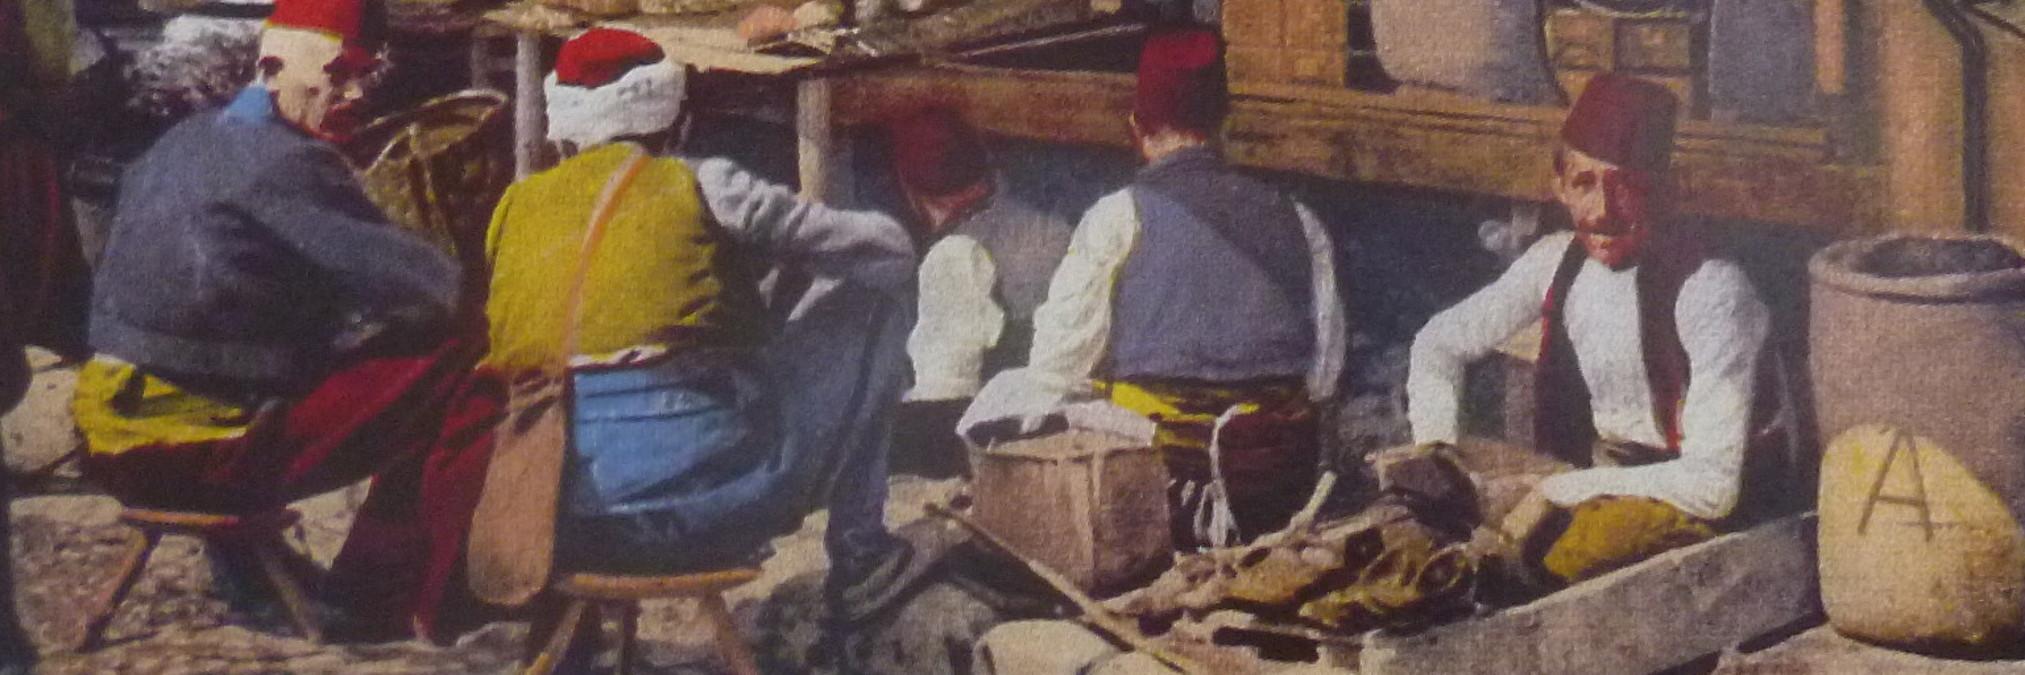 Боснийские мусульмане. Автор неизвестен, public domain